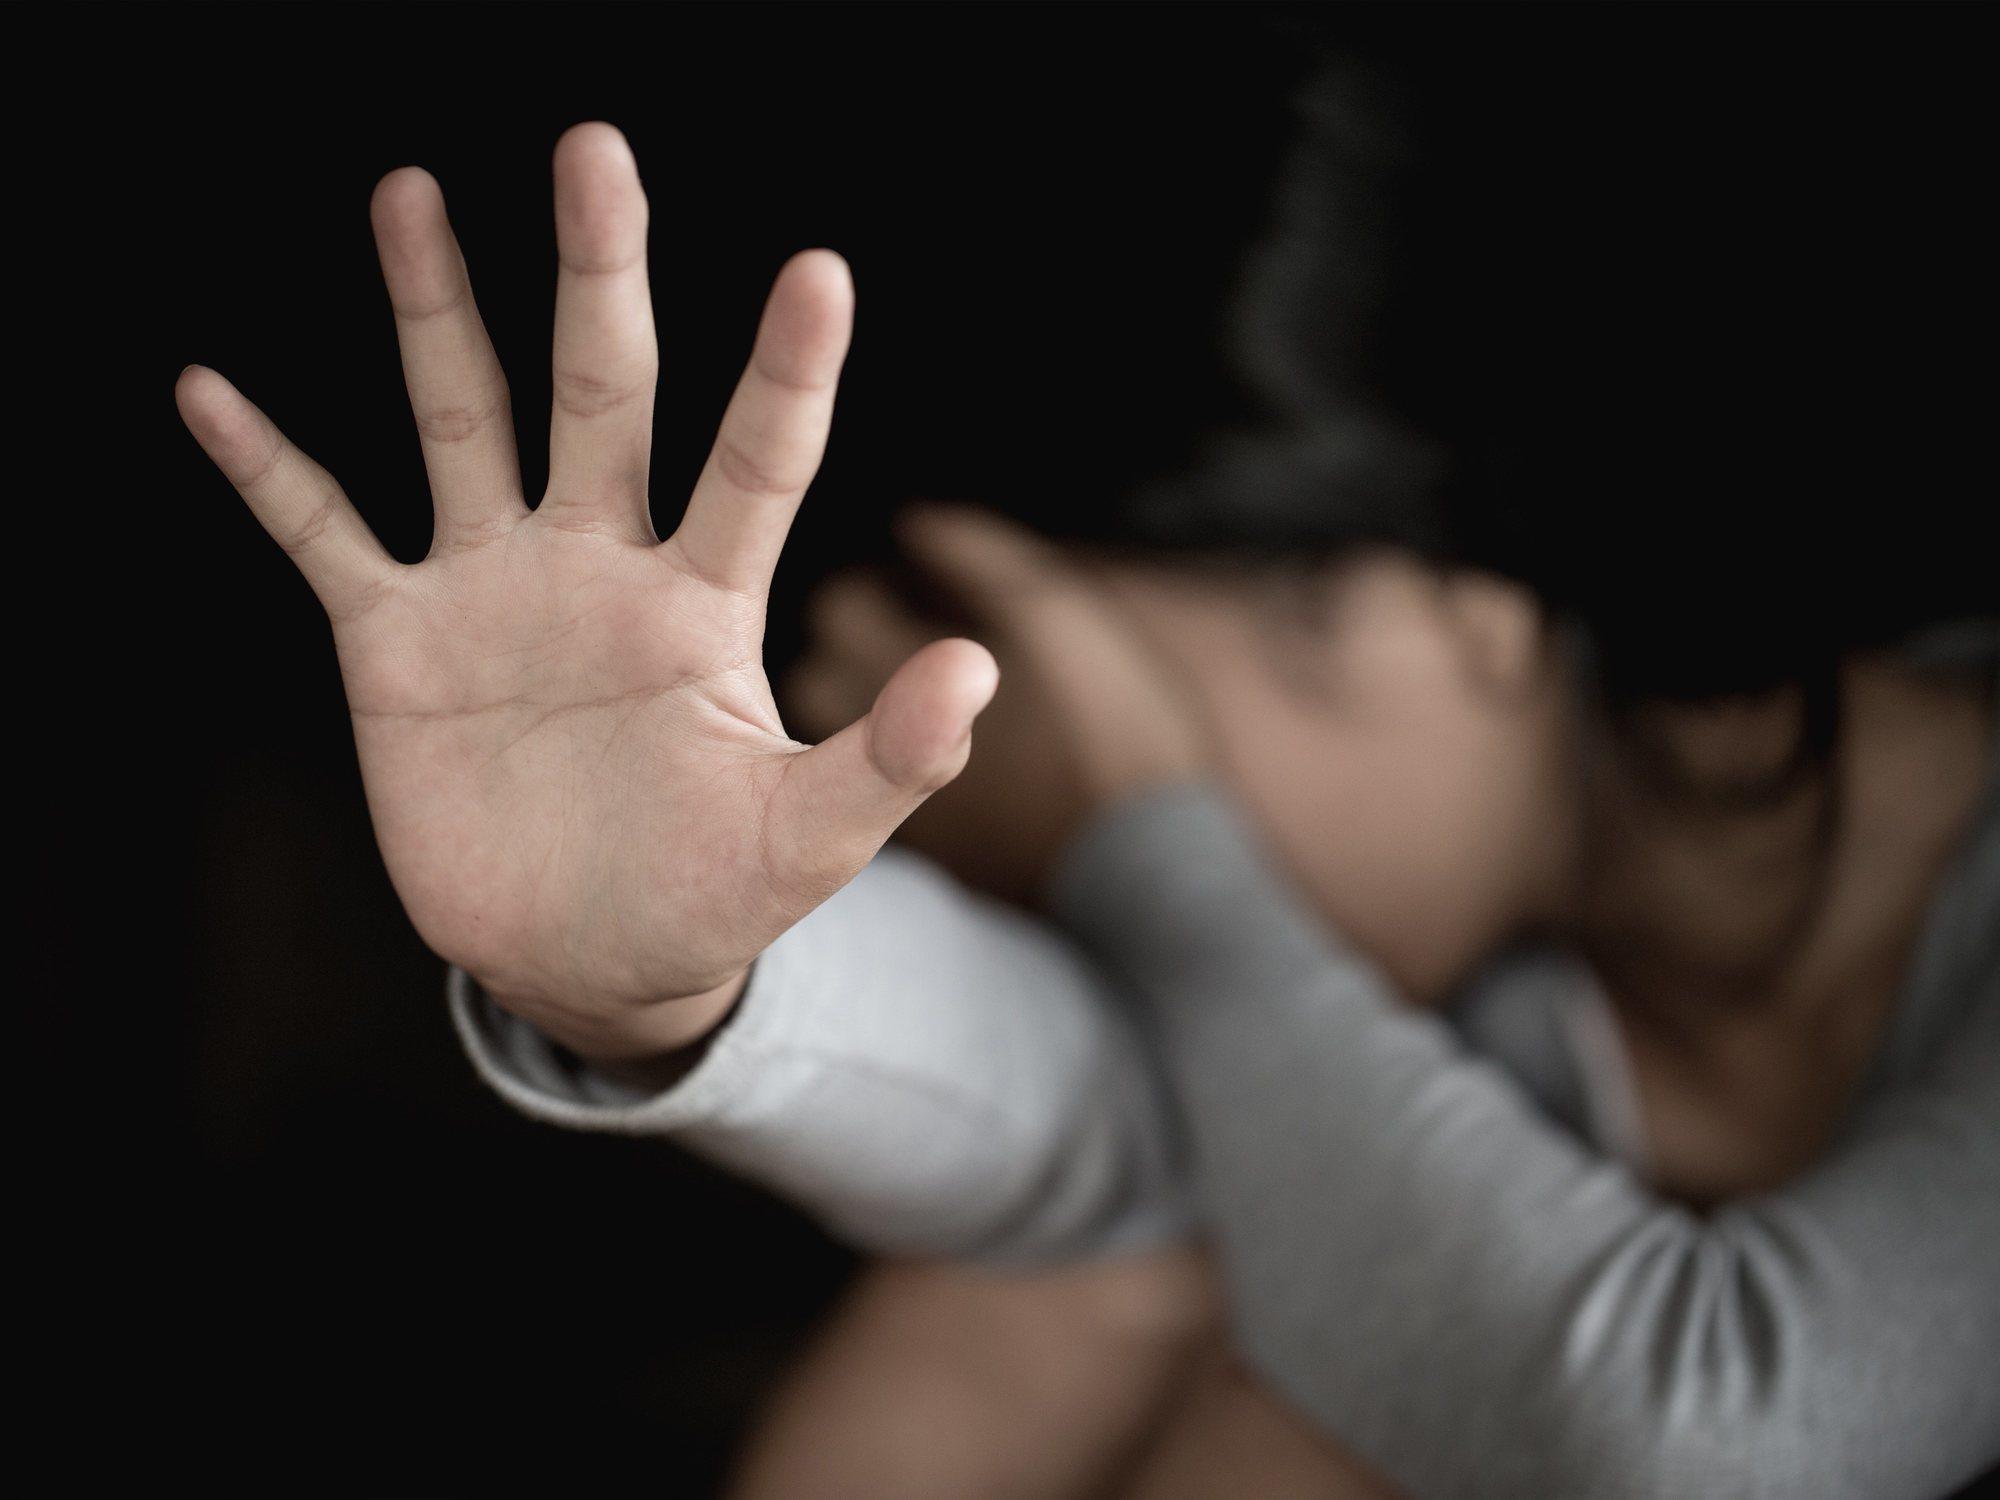 Muere dos días después la víctima de violación que fue quemada al declarar contra su agresor